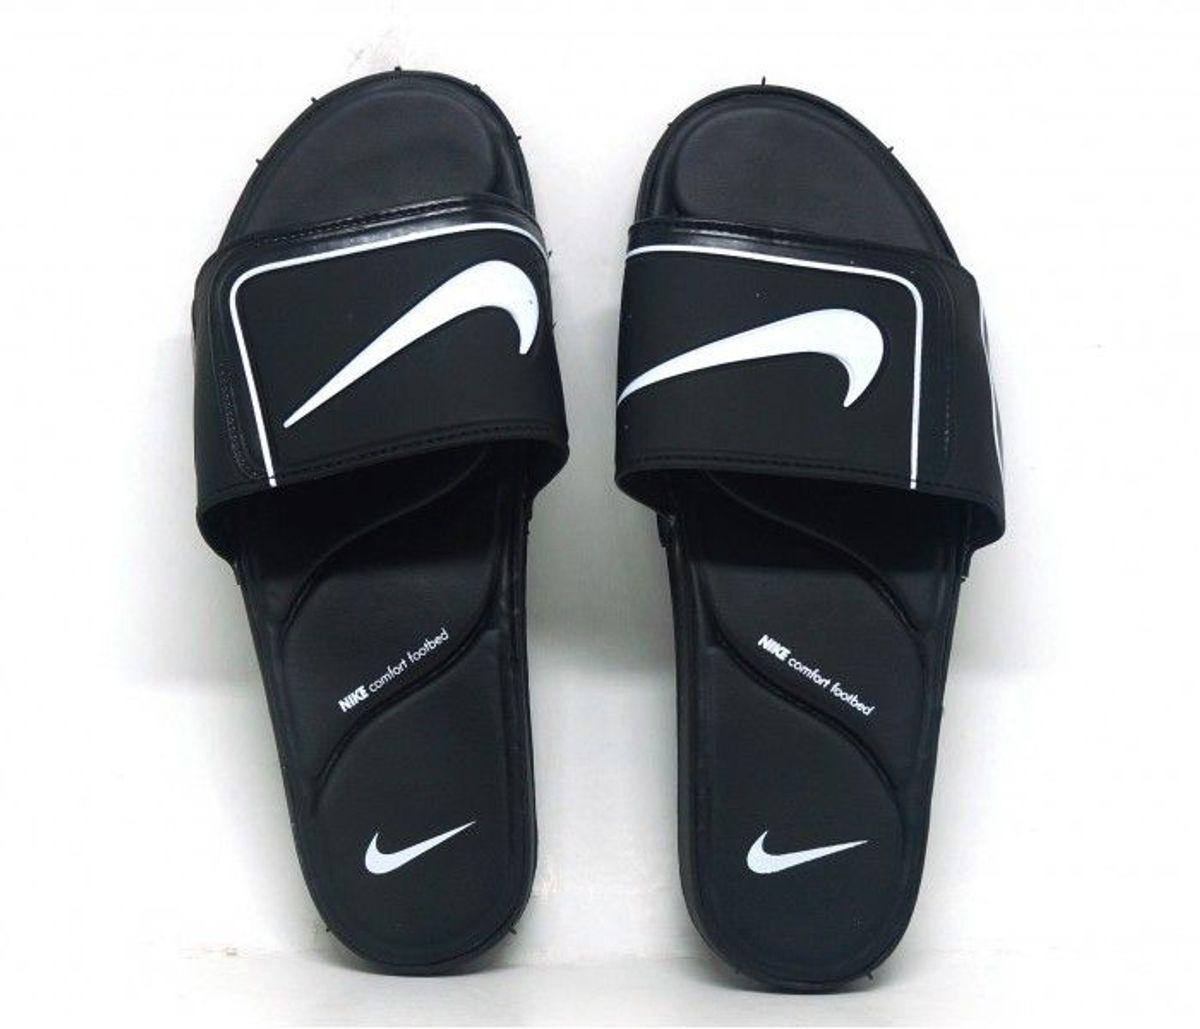 fa6e9e4254 chinelo nike kawa slide preto e branco - consultar tamanhos - sandálias nike